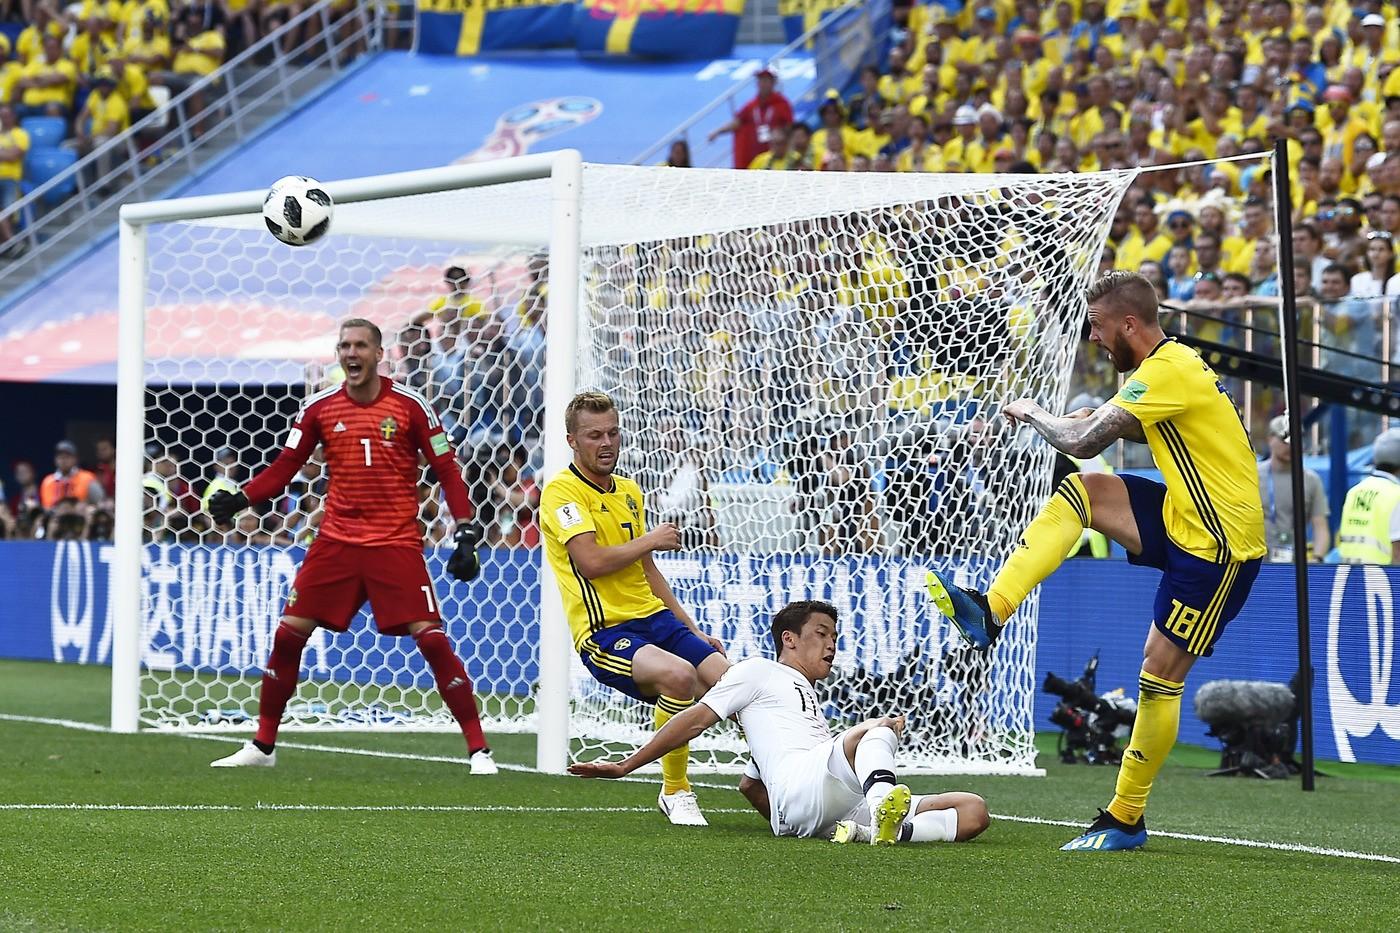 Mondiali Russia 2018, la Svezia supera la Corea con il ...